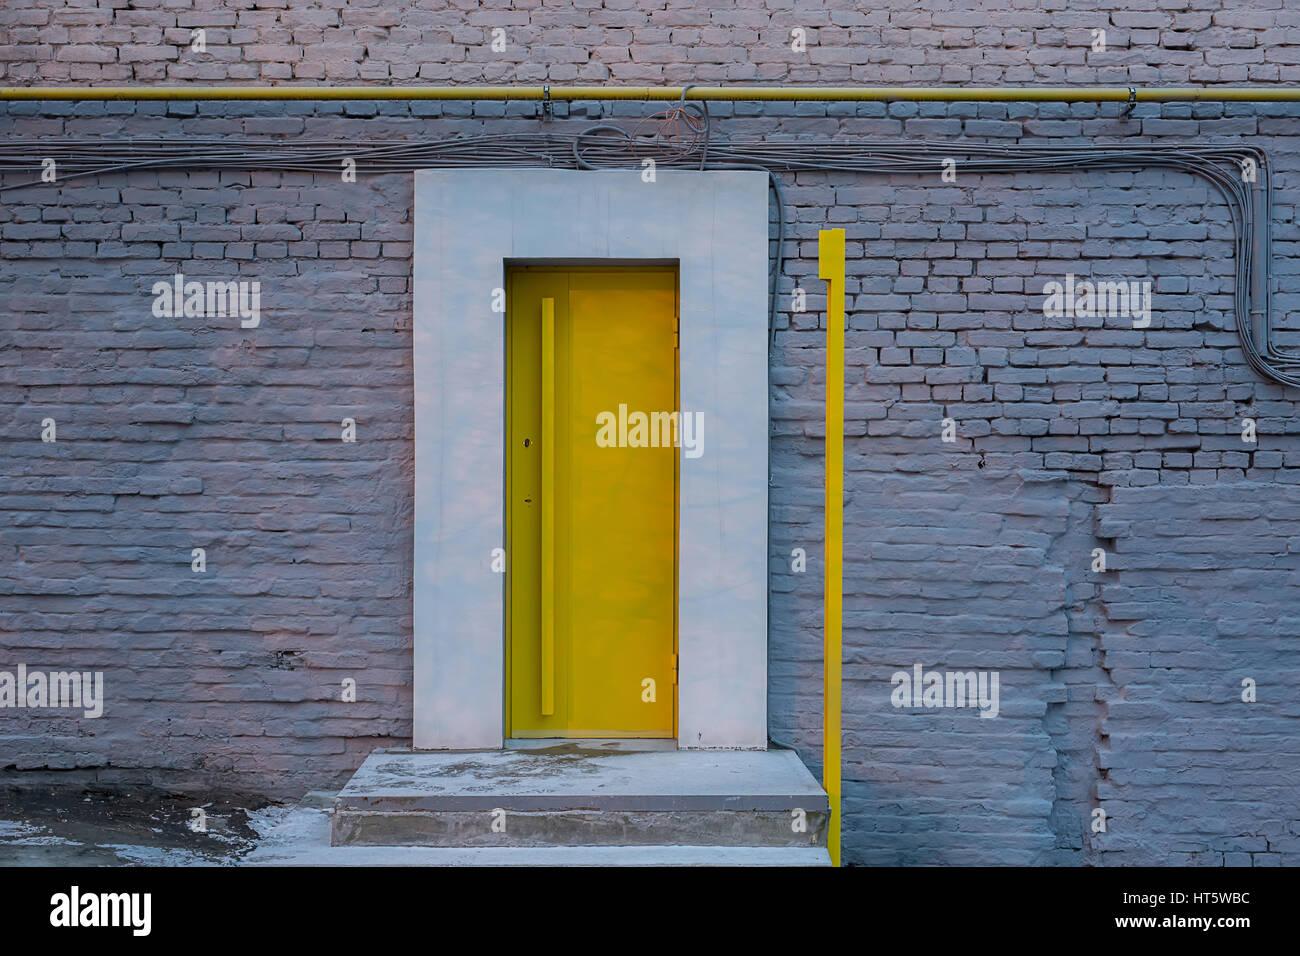 Porta Ingresso Ufficio : Ingresso con un design gialla porta allufficio in stile loft sul